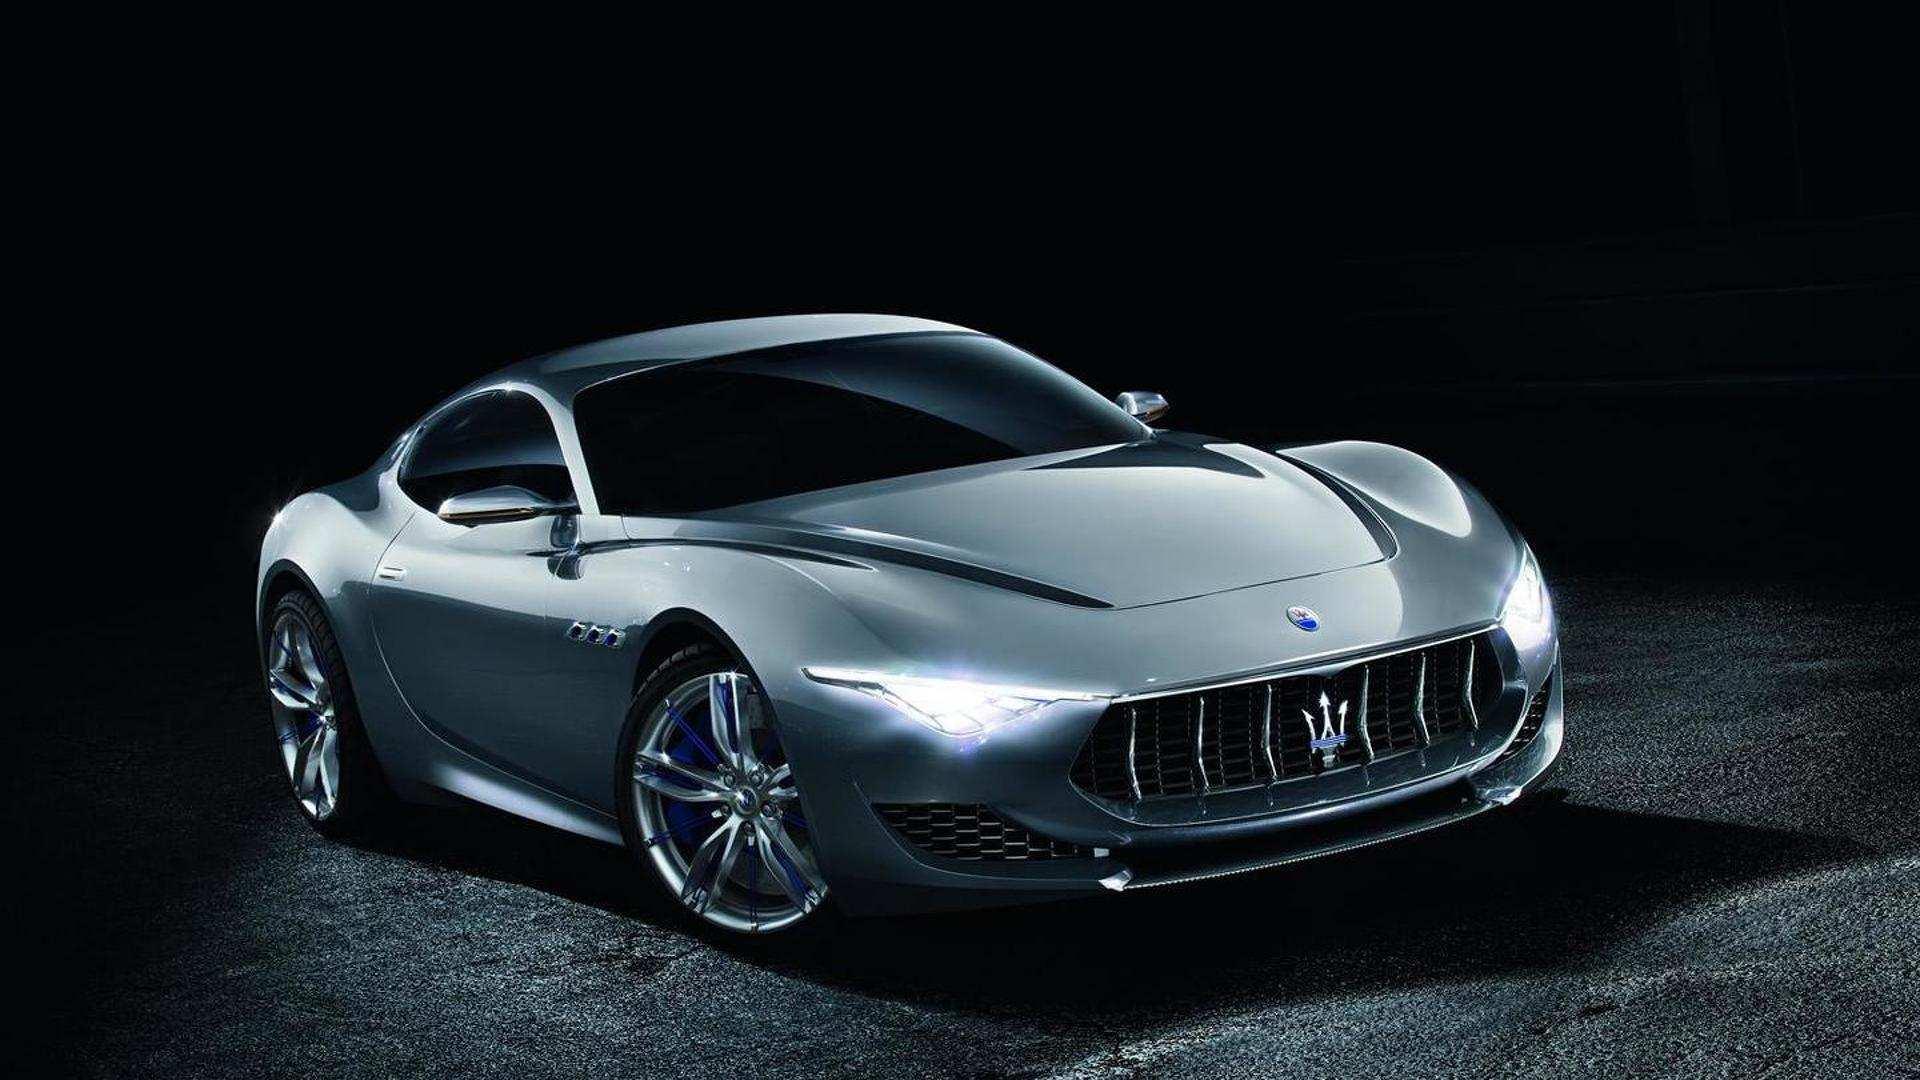 68 Concept of 2020 Maserati Granturismo First Drive for 2020 Maserati Granturismo